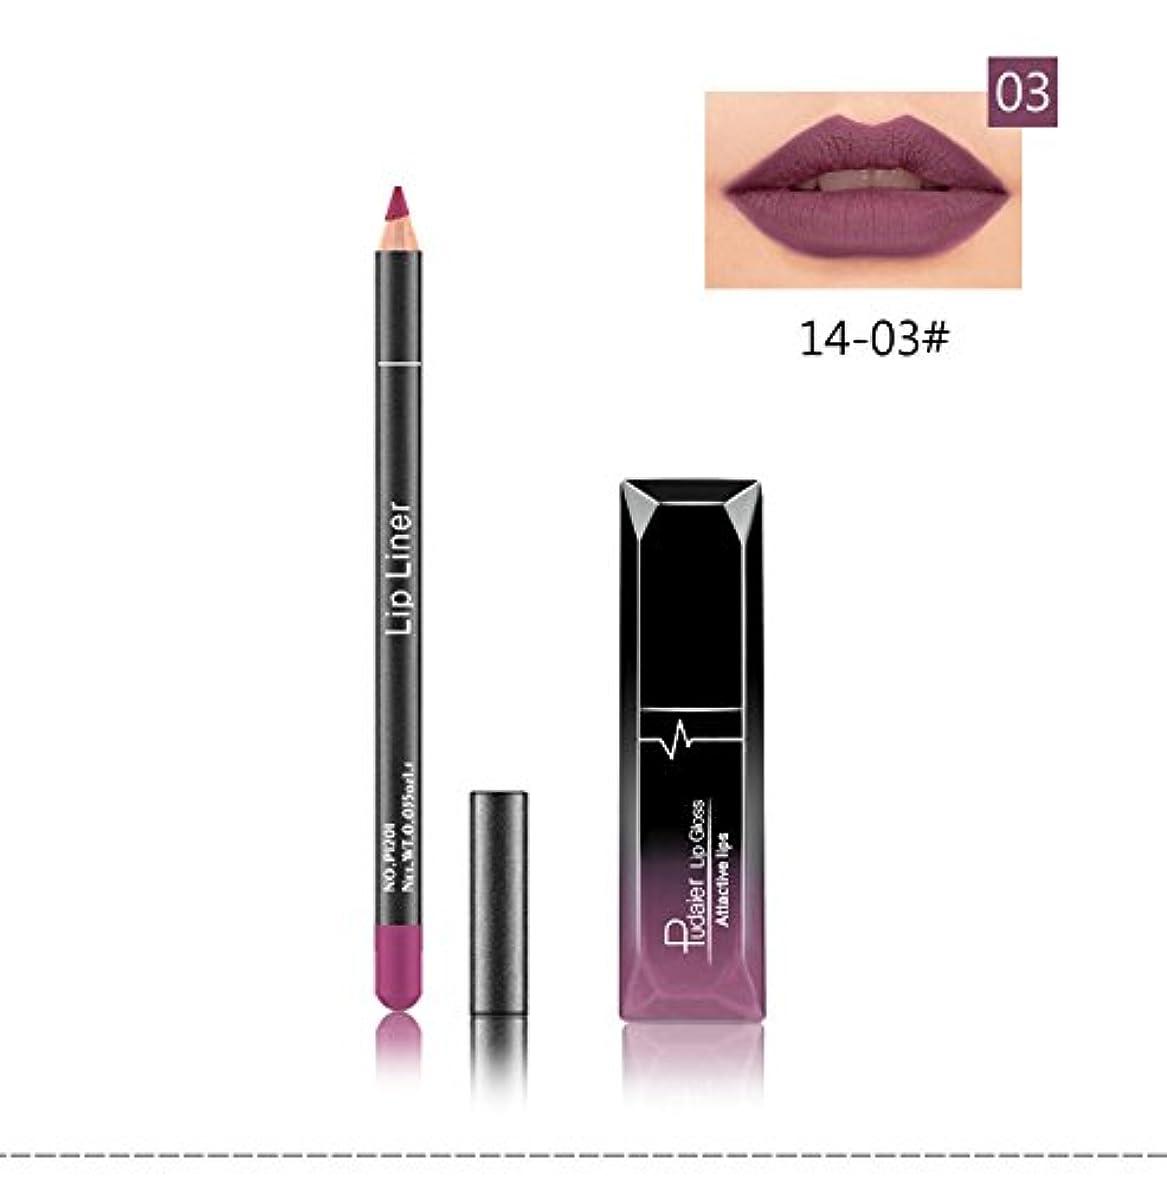 祝福するクラッチみすぼらしい(03) Pudaier 1pc Matte Liquid Lipstick Cosmetic Lip Kit+ 1 Pc Nude Lip Liner Pencil MakeUp Set Waterproof Long...